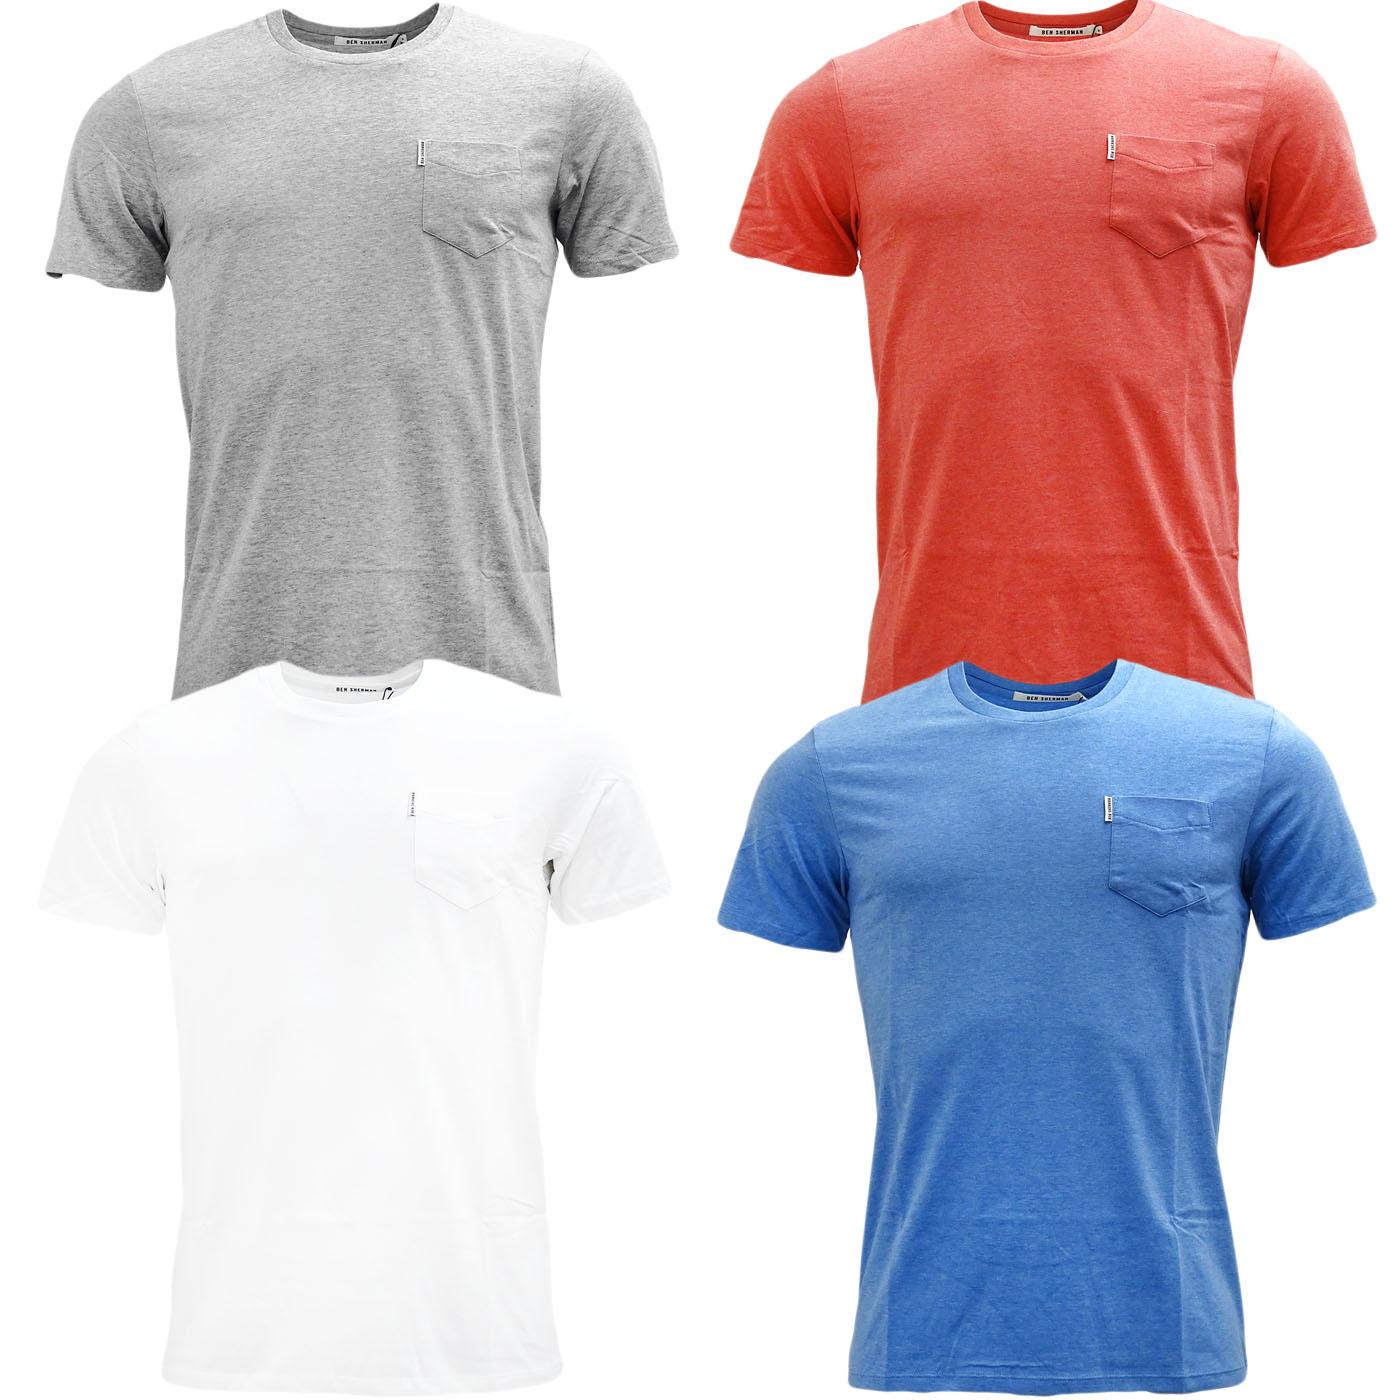 Mens T-Shirts Ben Sherman Plain T Shirt Top Pocket Lightweight